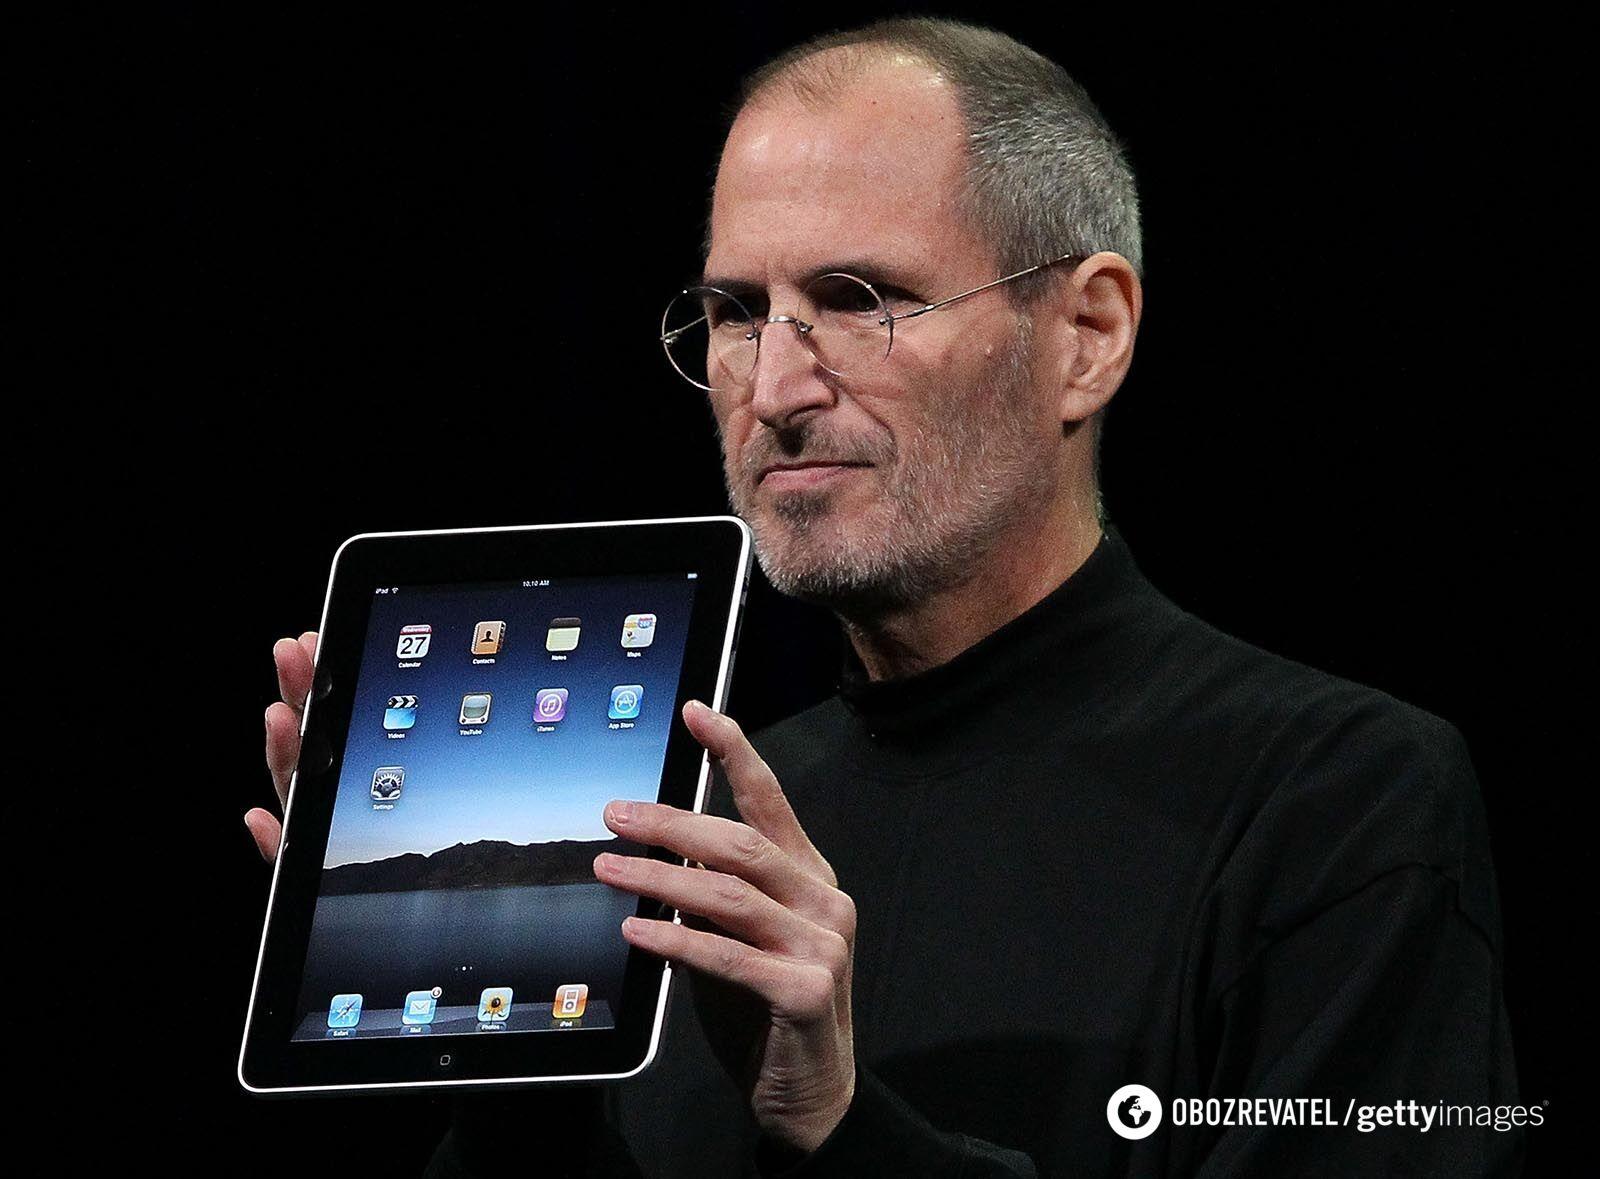 Стив Джобс был уверен, что нужно всю жизнь учиться, чтобы чего-то достичь